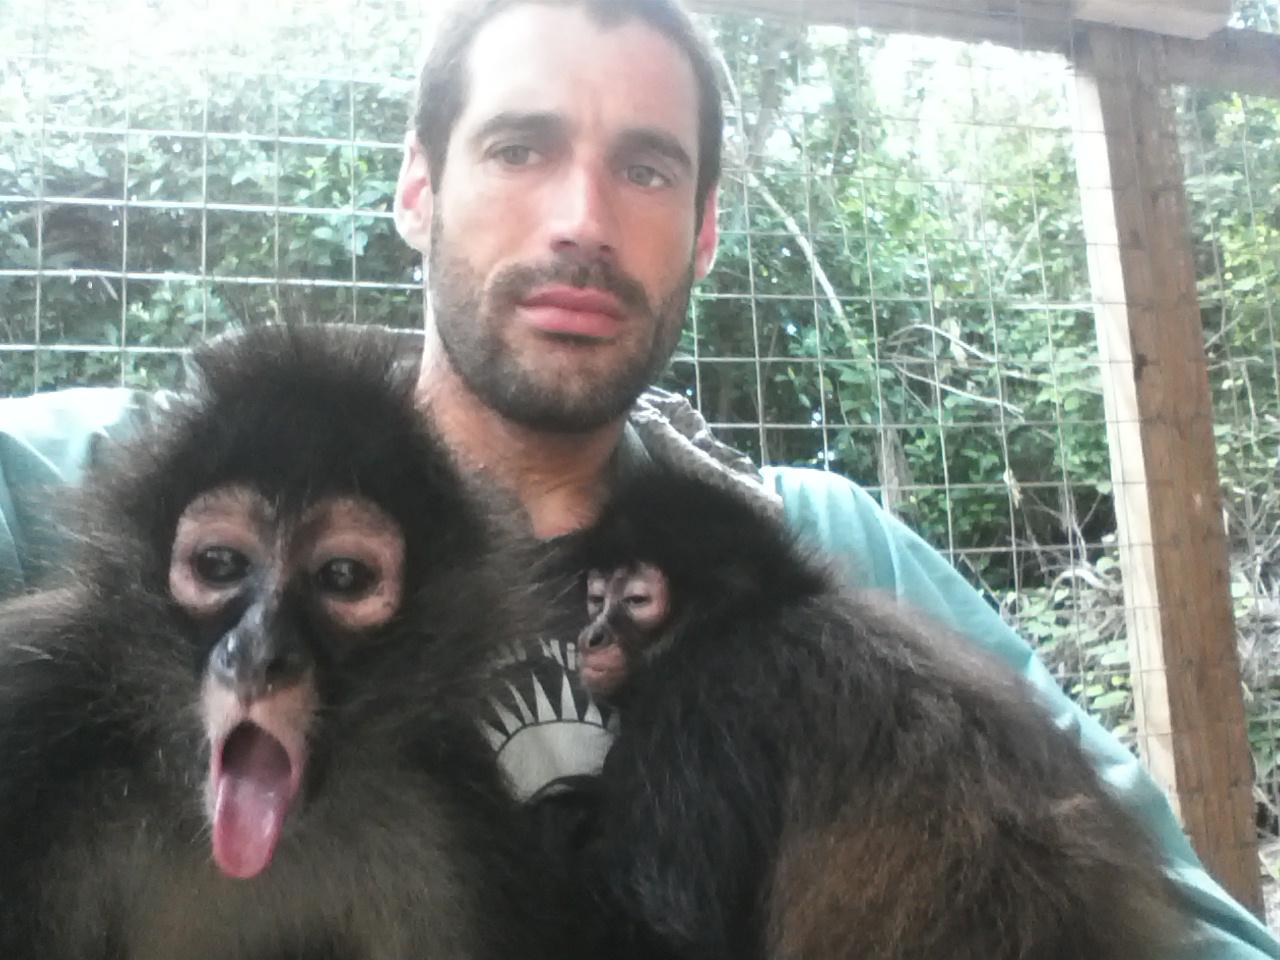 ערן גיסיס עם צ׳יפה ואיזי, קופות עכביש צעירות שעדיין זקוקות למגע הורי (צילום: ערן גיסיס) (צילום: ערן גיסיס)